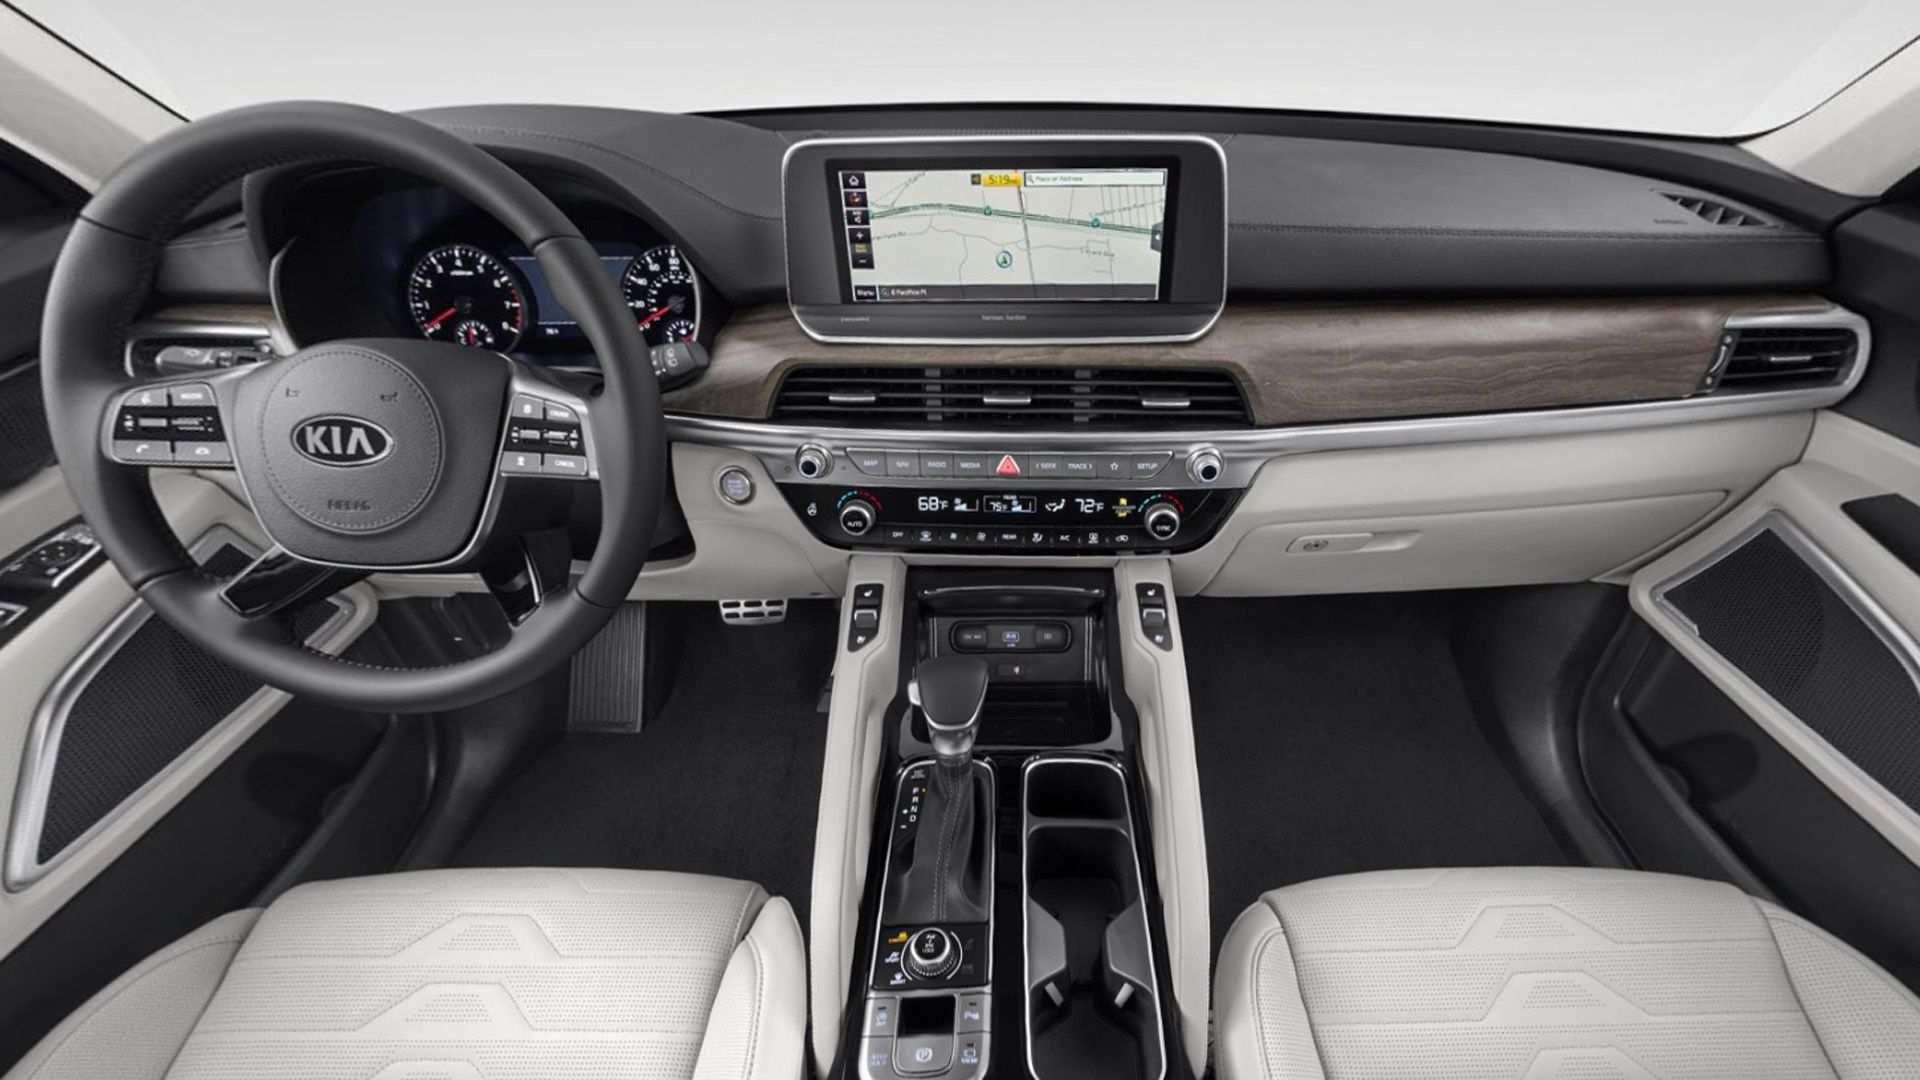 56 All New Kia Telluride 2020 Interior Pictures by Kia Telluride 2020 Interior